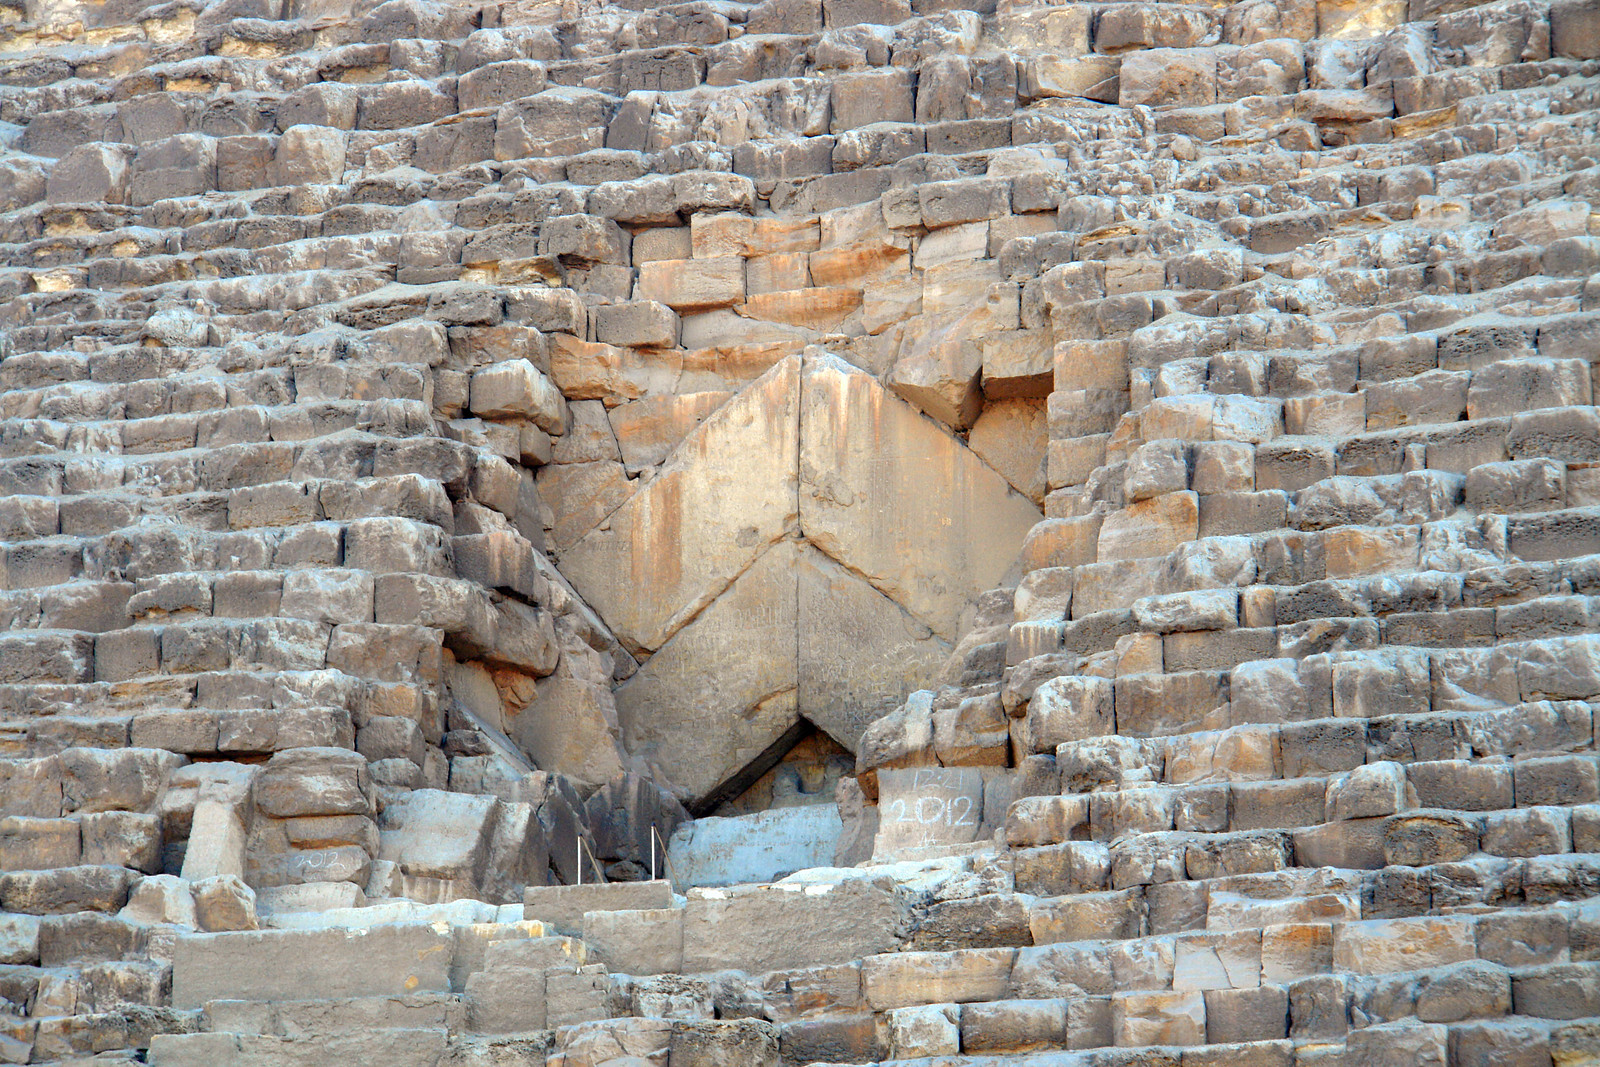 Qué ver en El Cairo, Egipto lugares que visitar en el cairo - 40993423891 f6625da914 h - 10+1 lugares que visitar en El Cairo